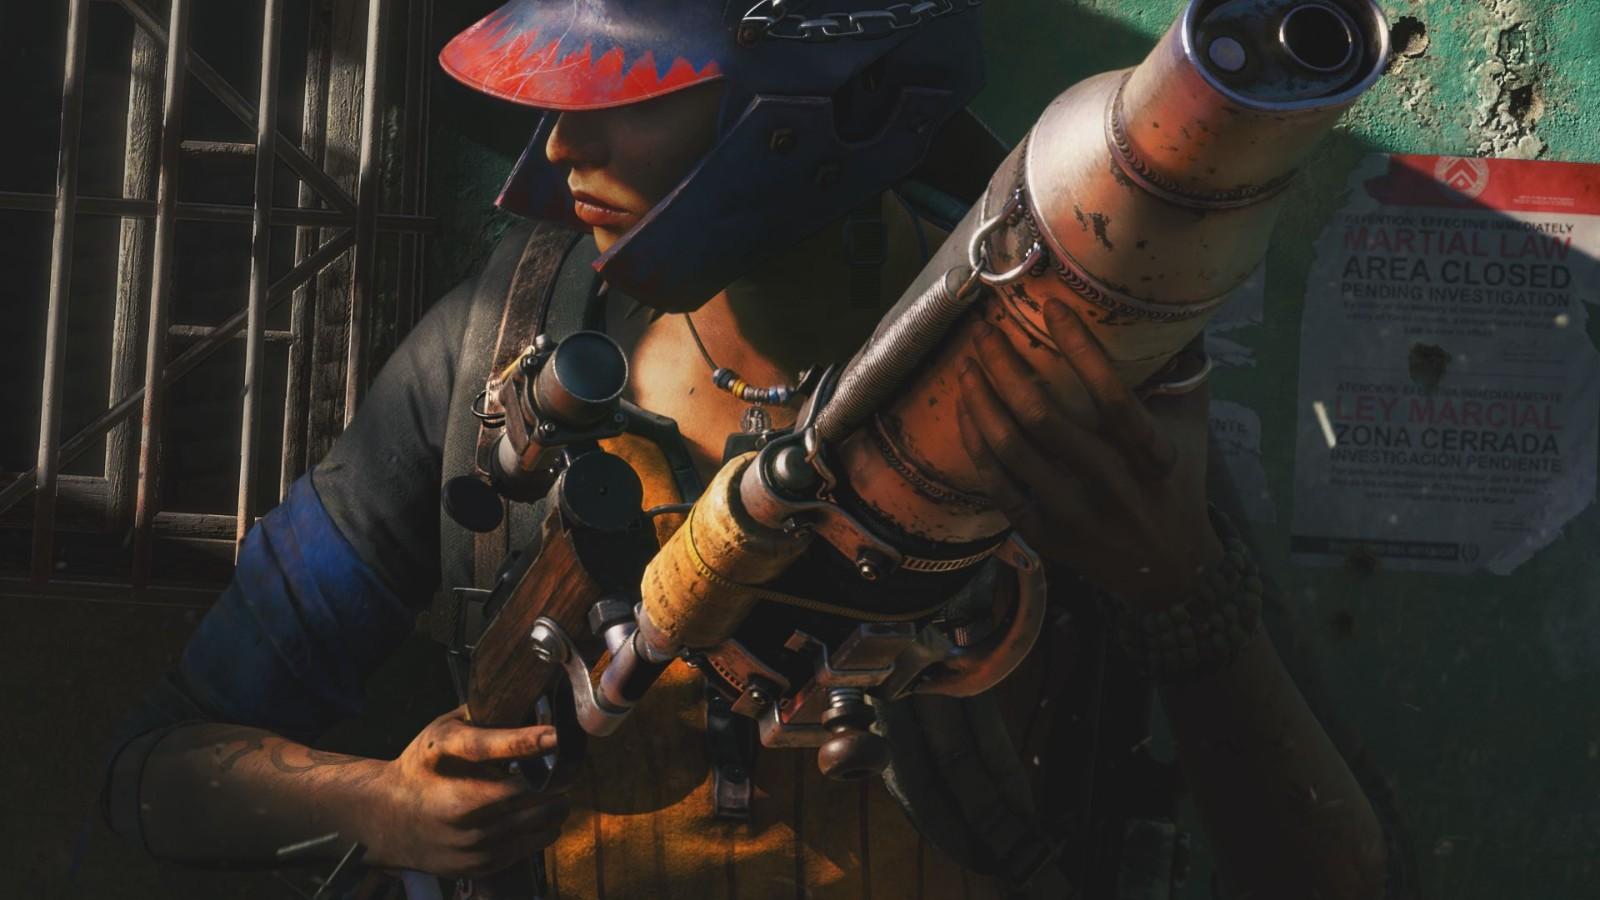 《孤岛惊魂6》将展示激动人心的内容 玩家还需等待